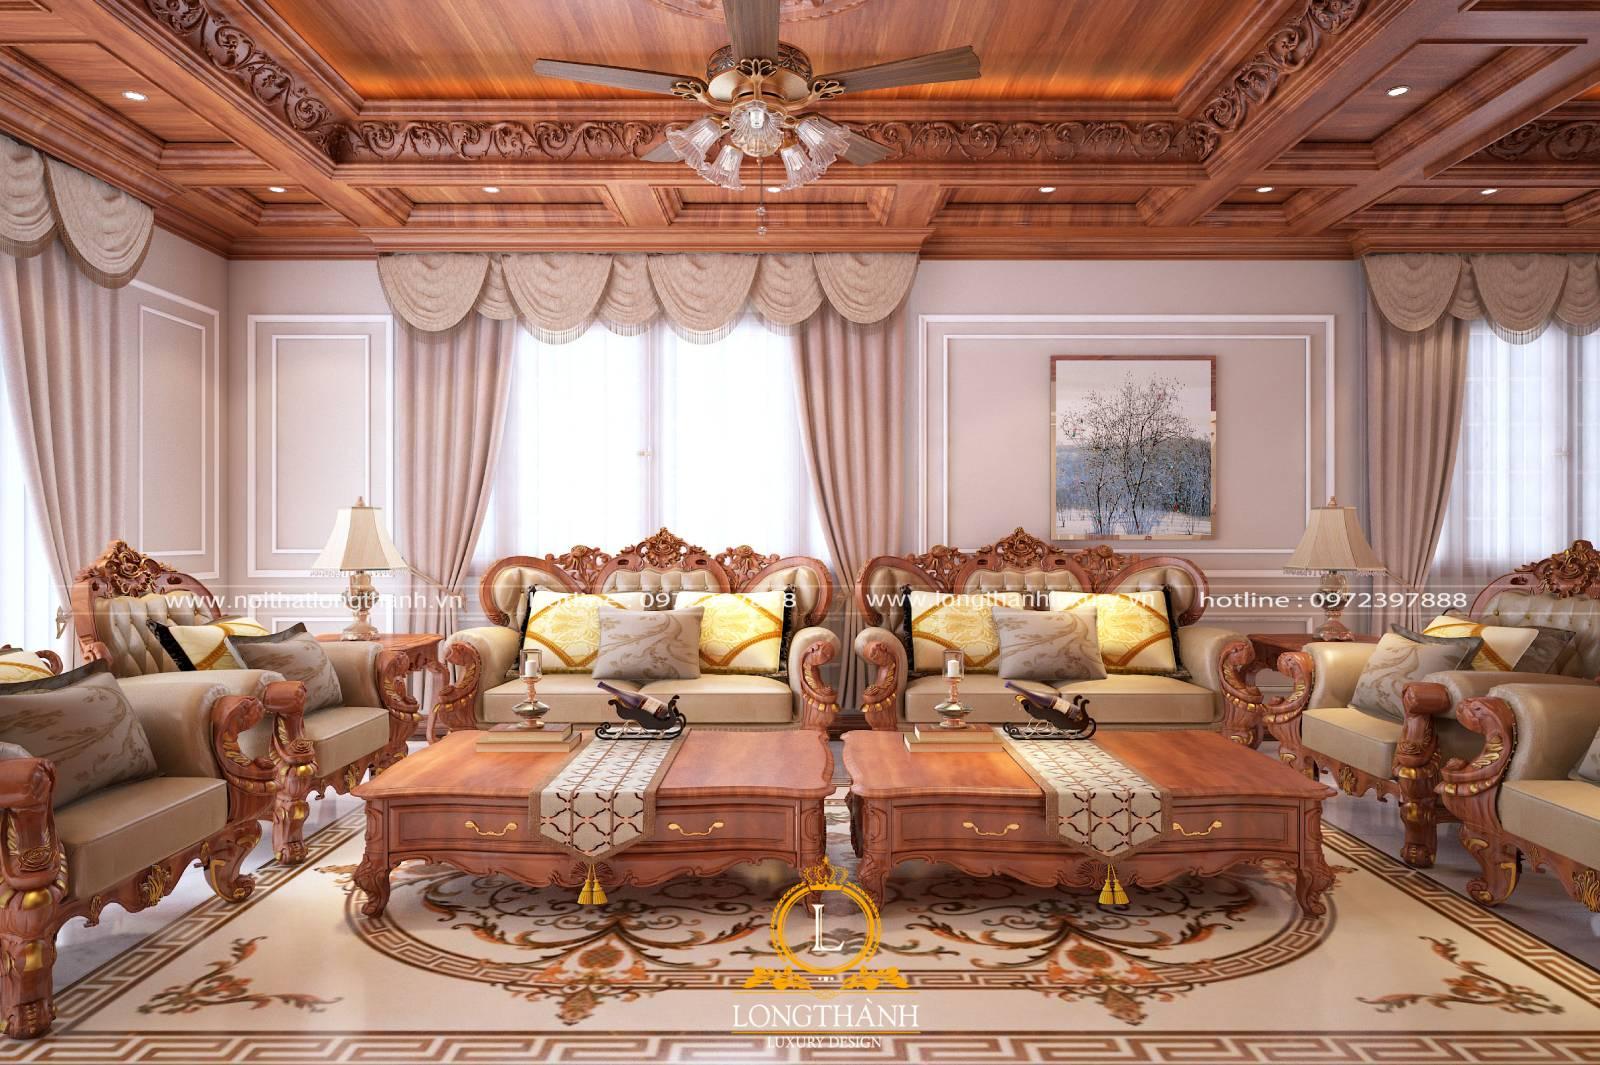 Sofa gỗ tự nhiên cao cấp đem lại vẻ đẹp sang trọng cho không gian phòng khách